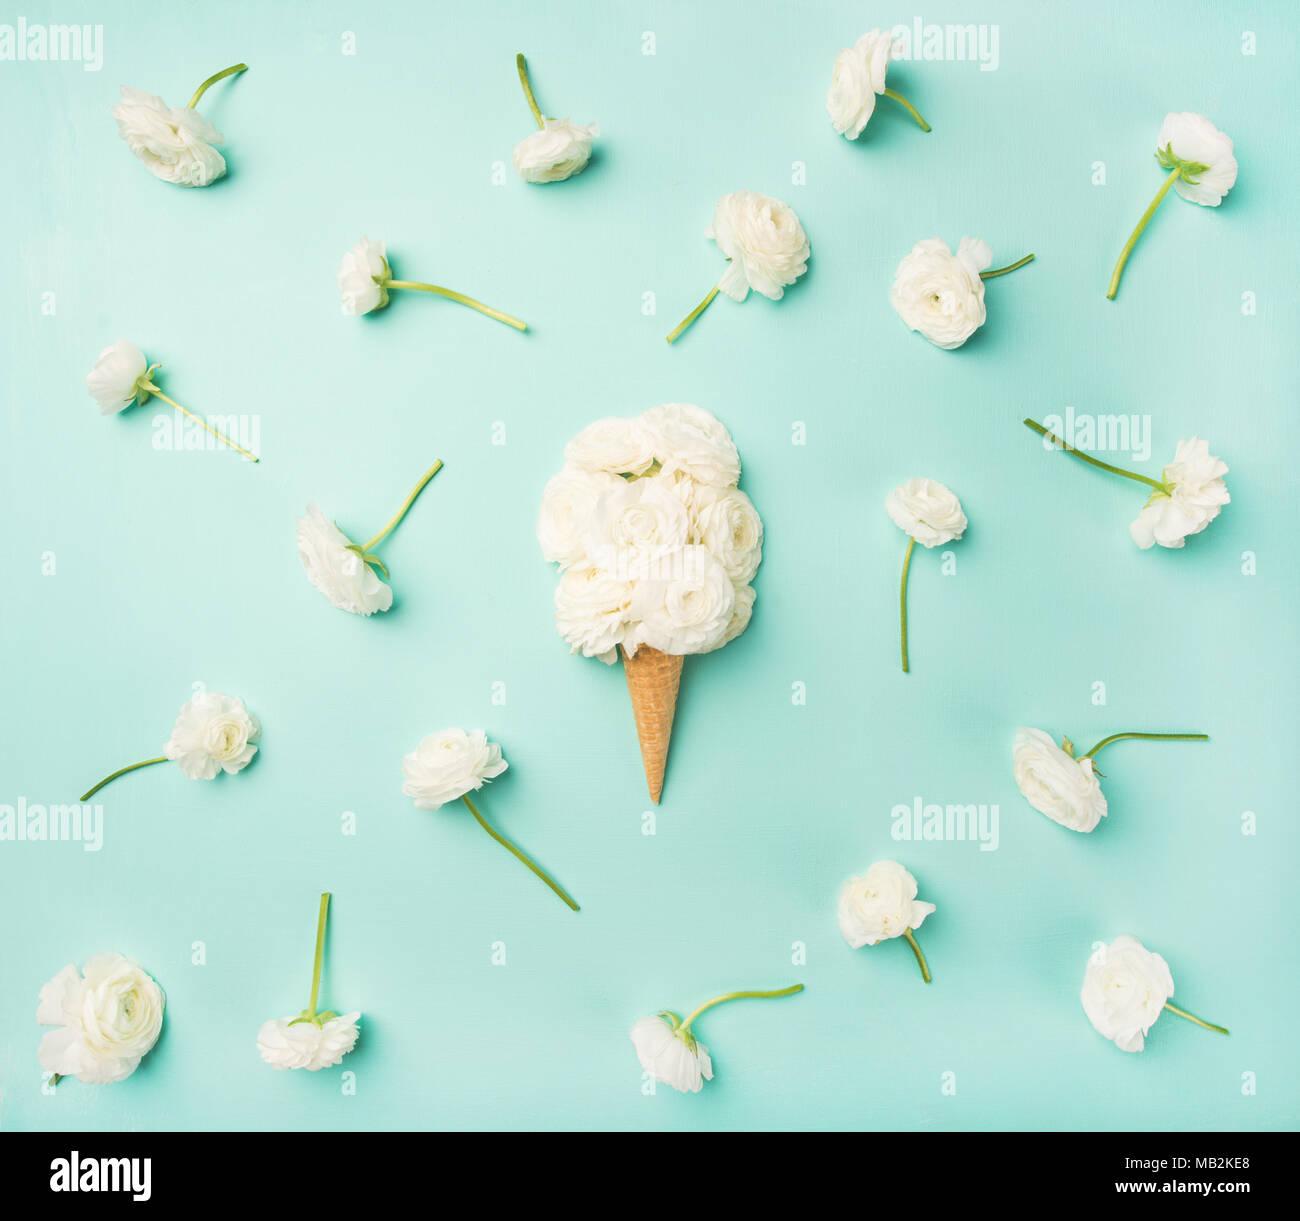 Cornet gaufré avec fleurs renoncule blanche sur fond bleu Photo Stock